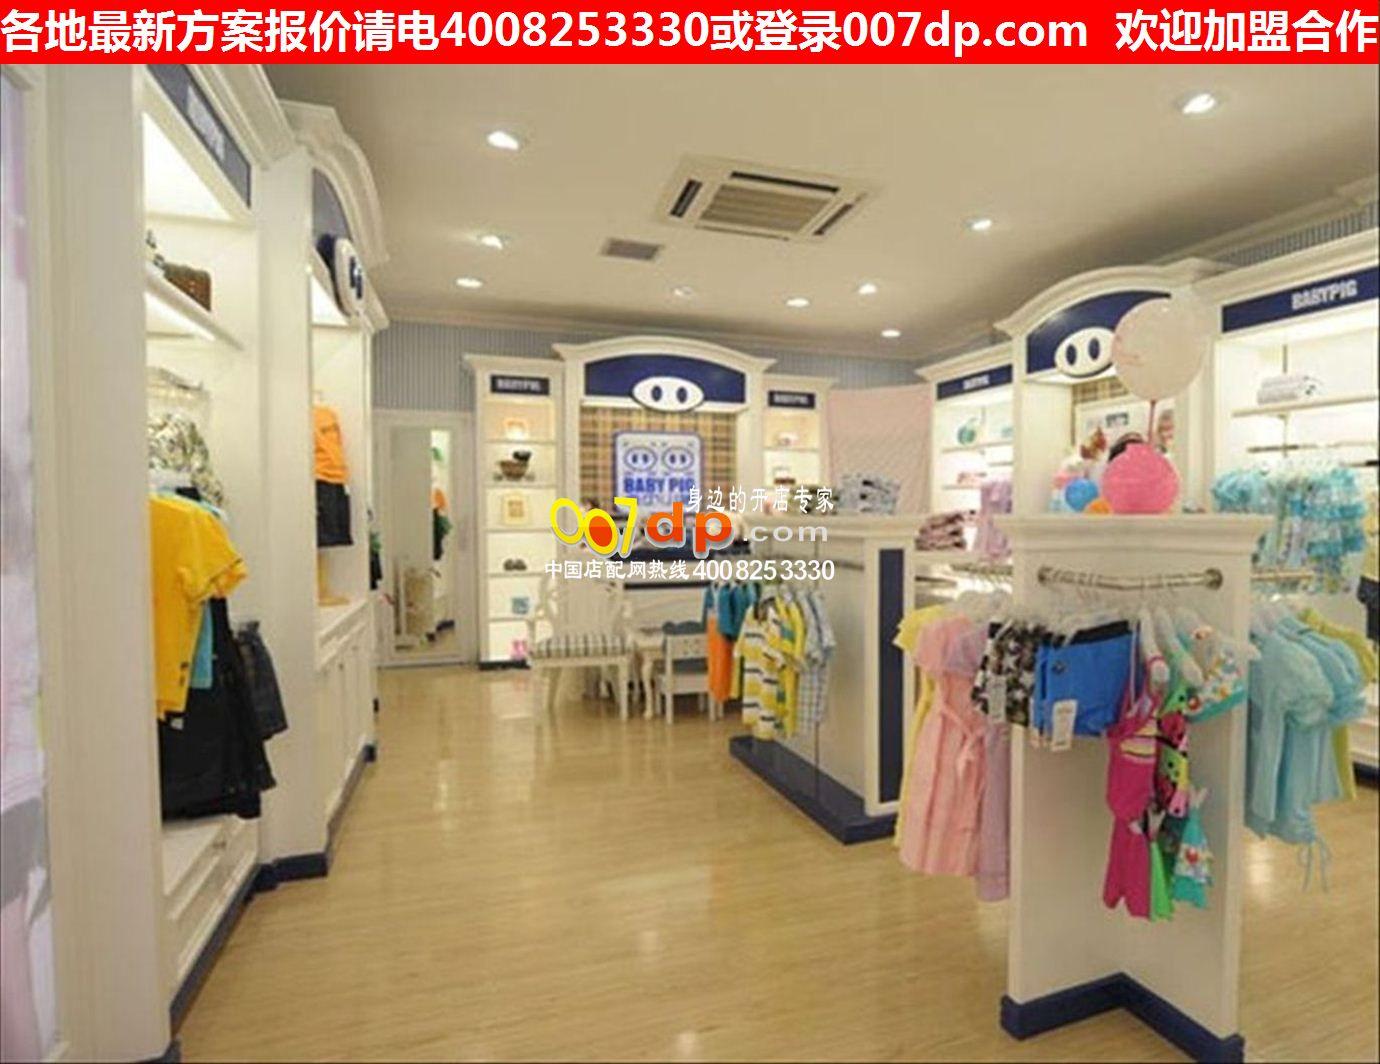 最新童装店装修,韩国童装店装修,童装店设计,童装货架图片,儿童服装